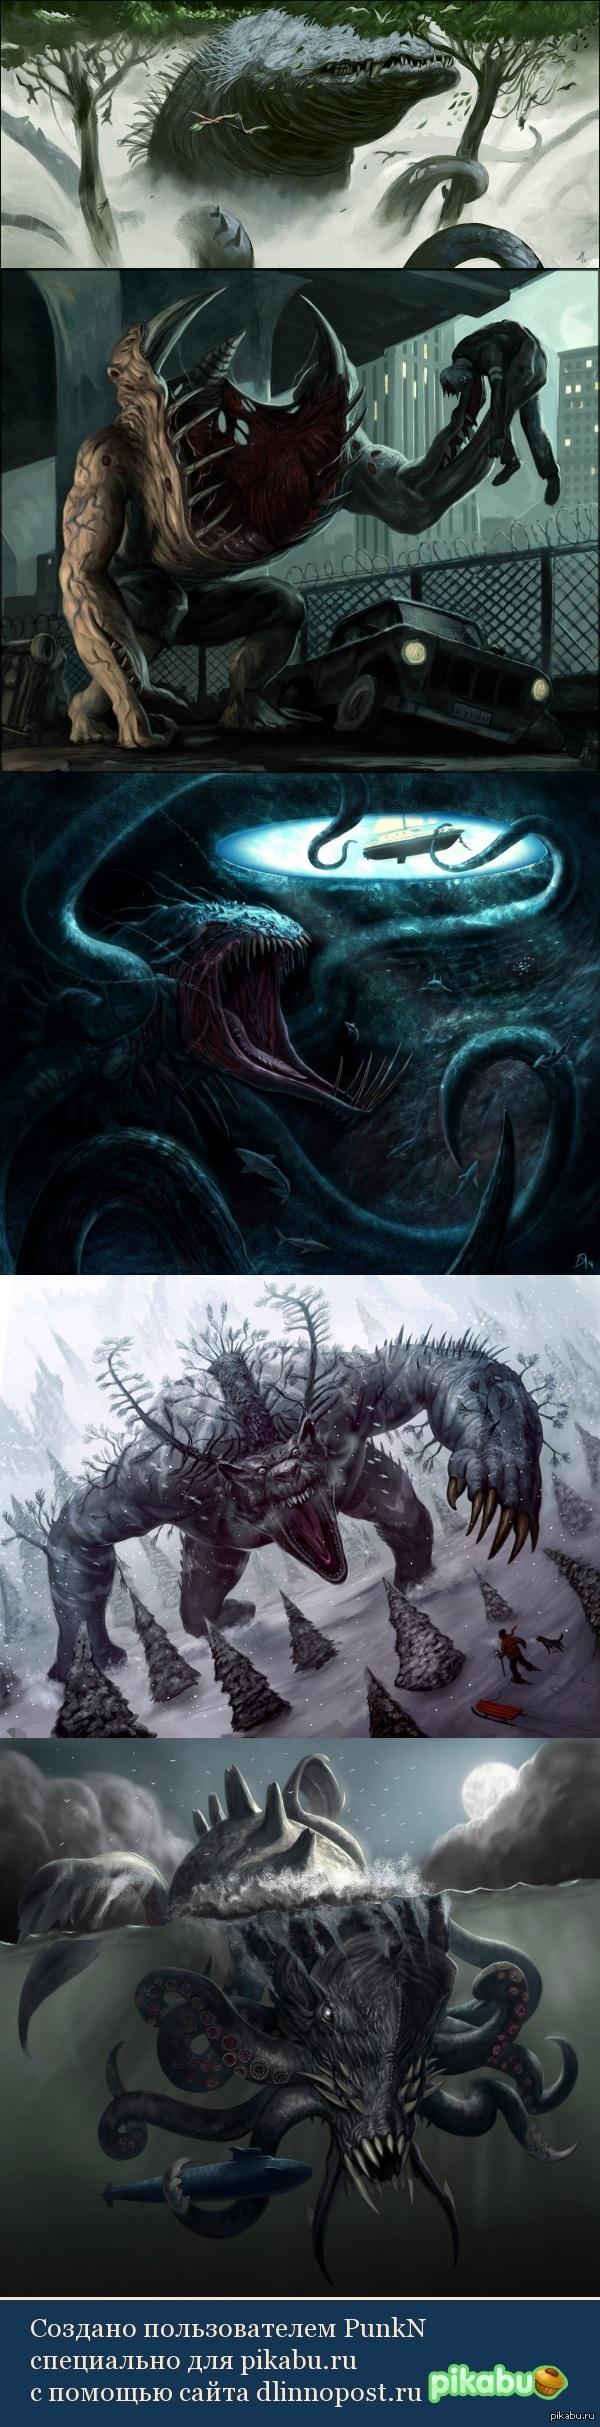 Гигантские монстры